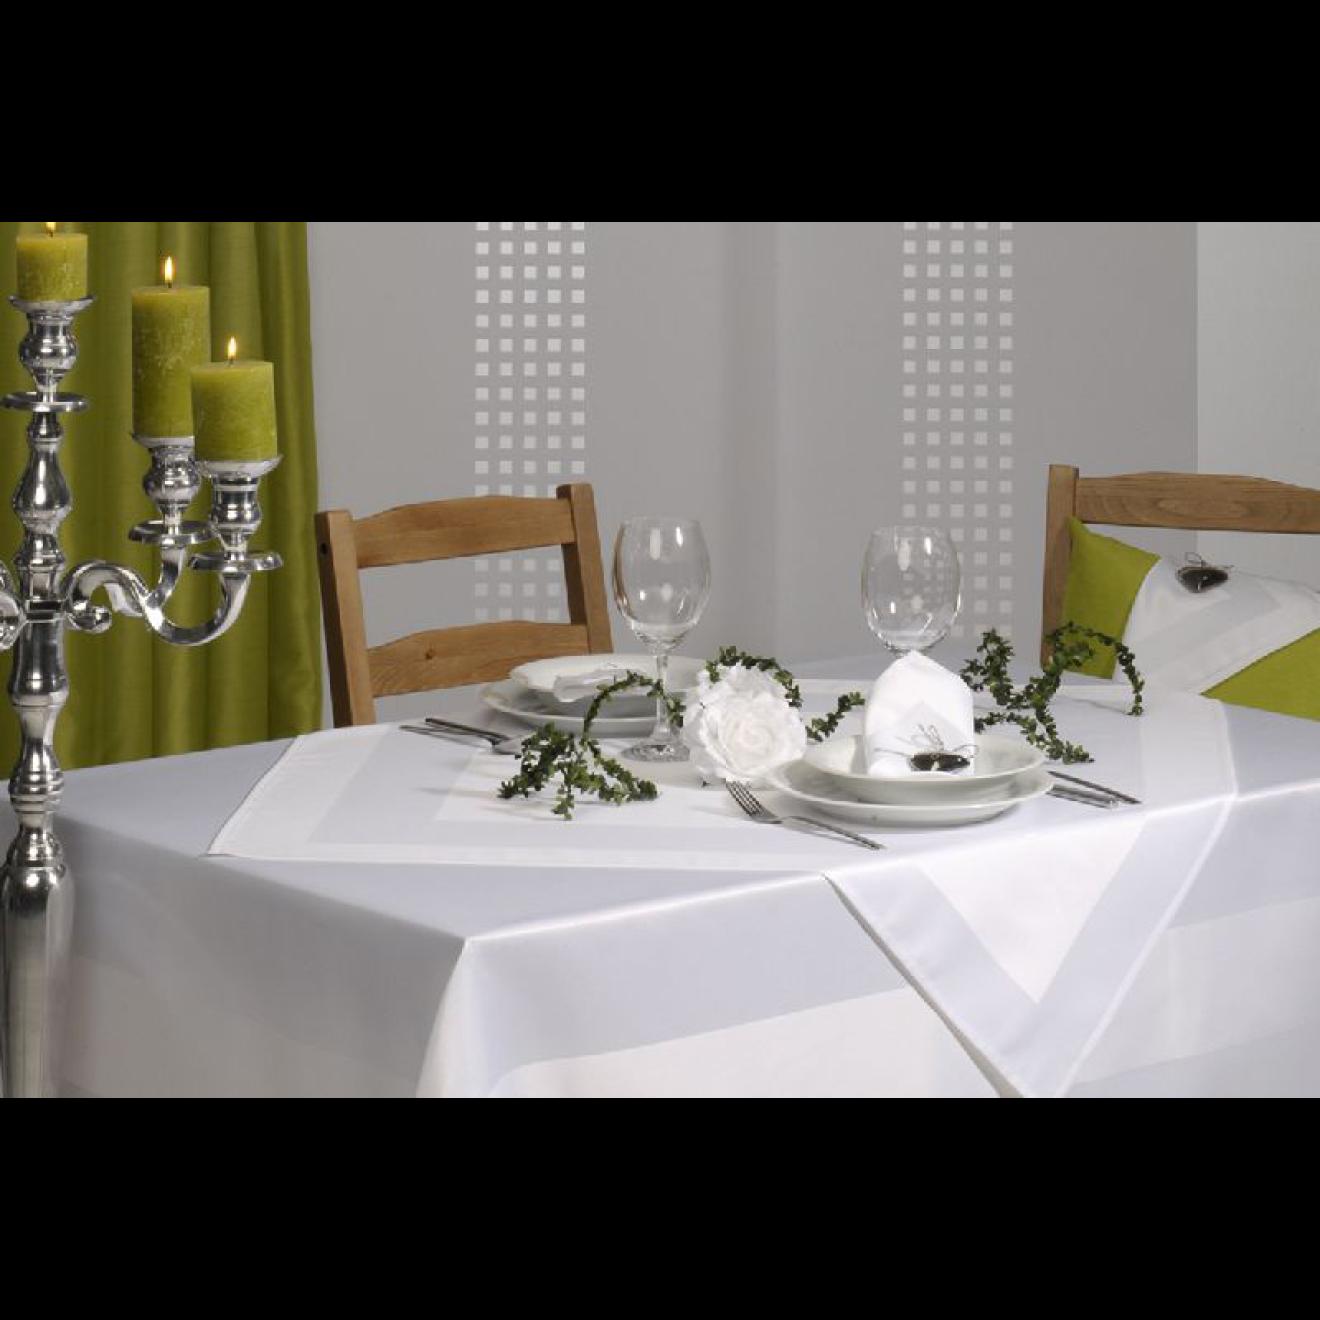 tischdecke wei 160 cm x 130 cm. Black Bedroom Furniture Sets. Home Design Ideas